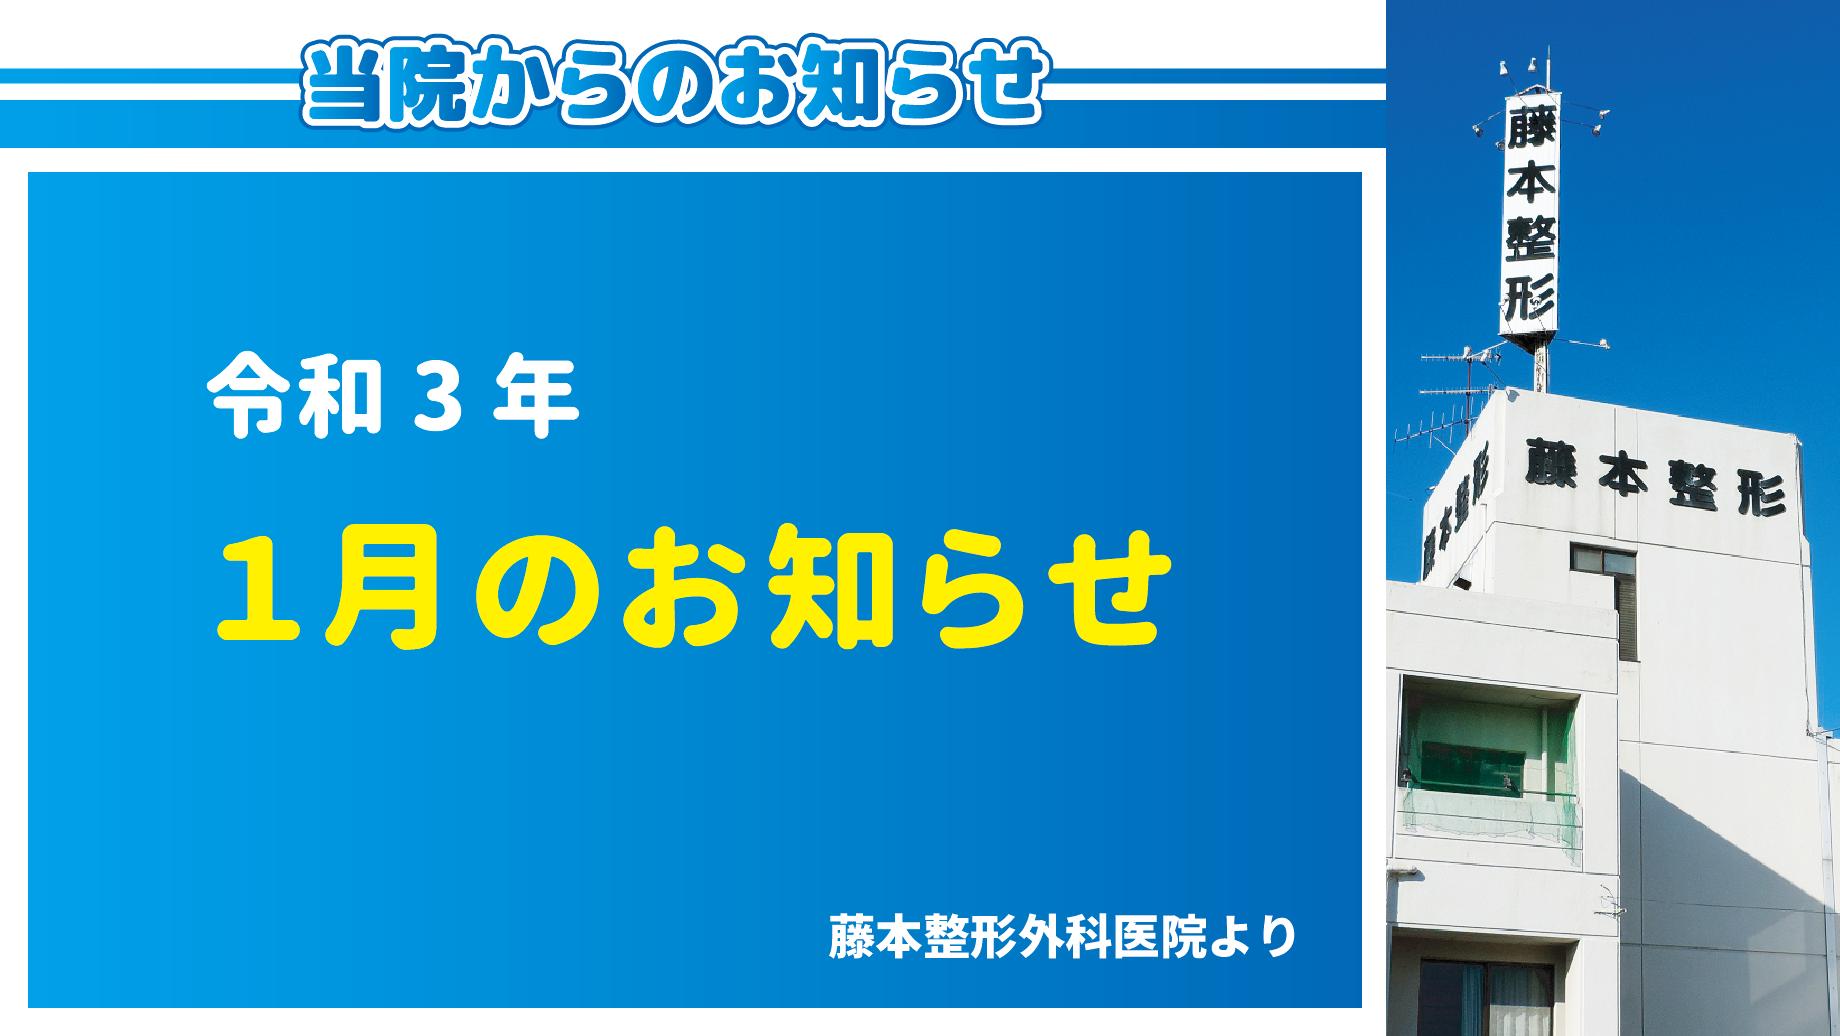 令和3年1月のお知らせ(大分の藤本整形外科医院より)